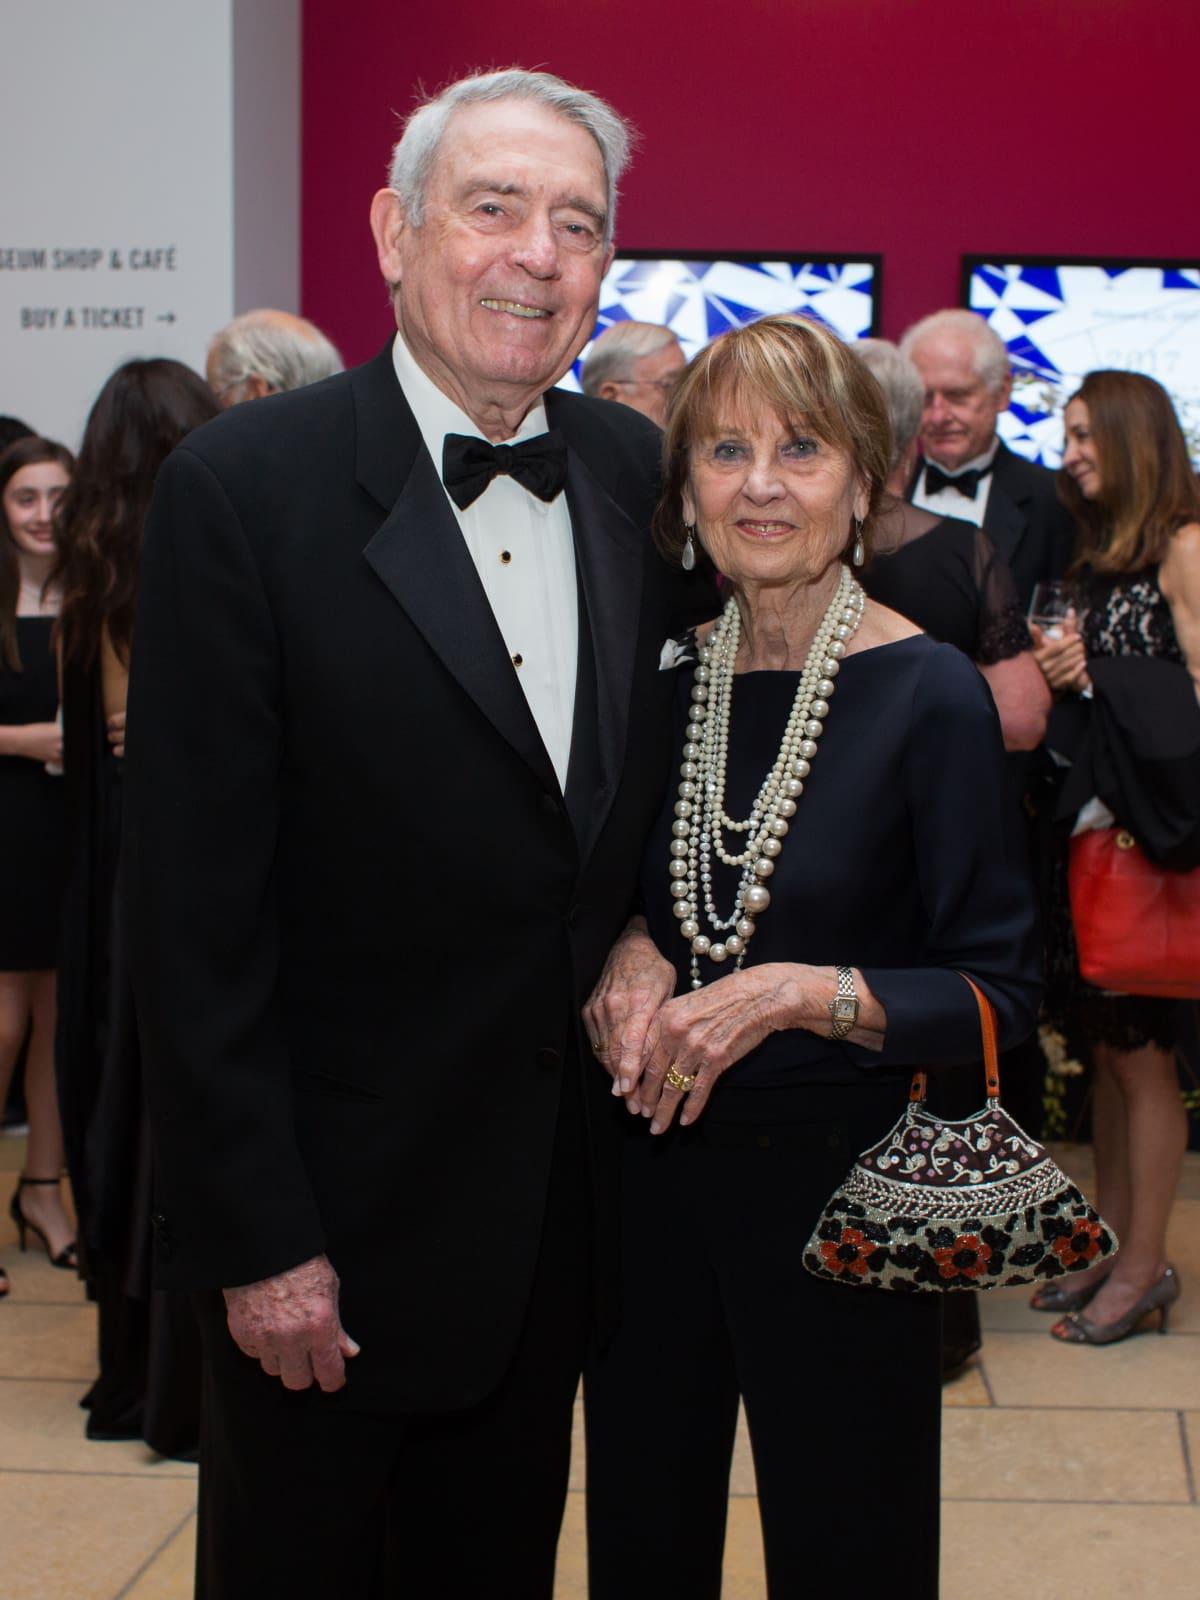 Blanton Museum of Art Gala 2017 Dan Rather Jean Rather